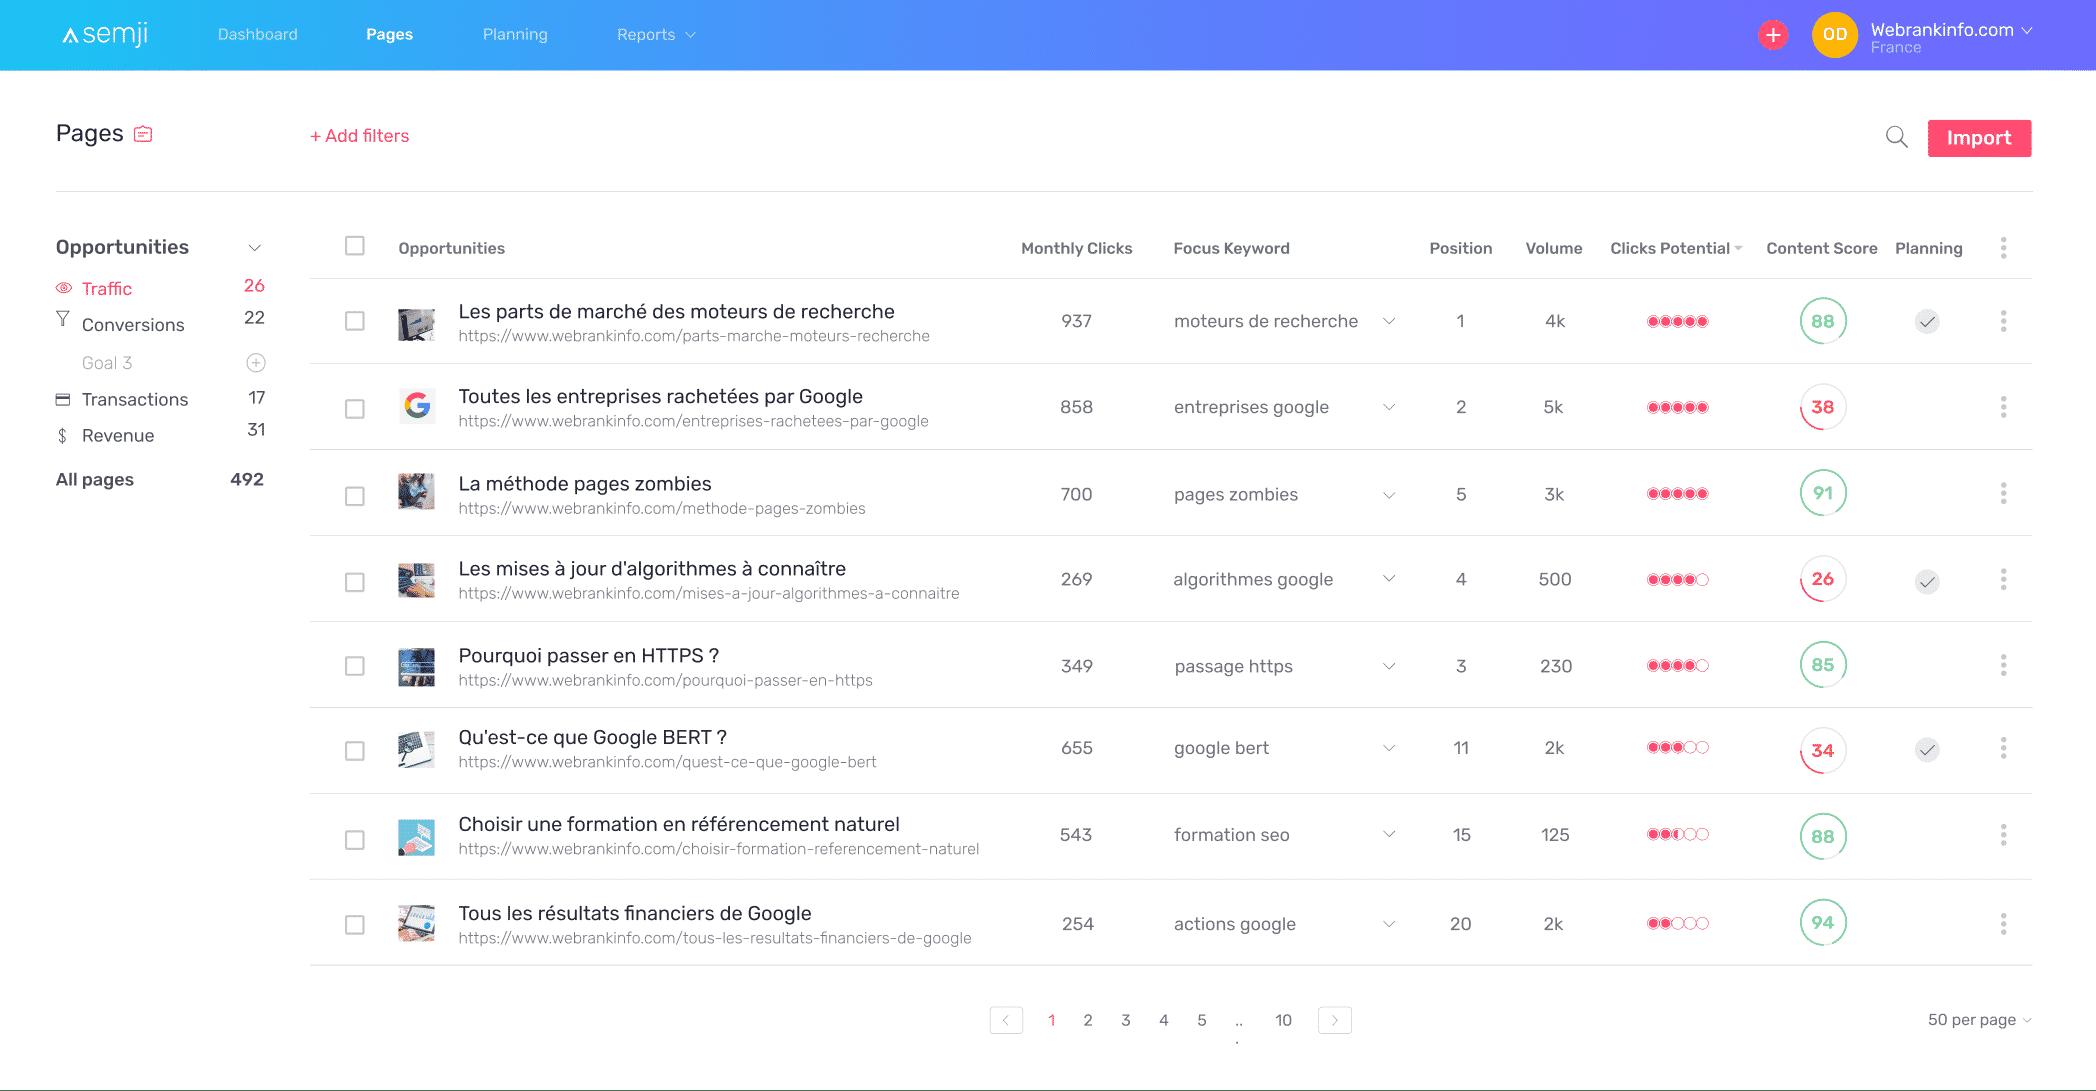 Ecran Pages Semji Platform